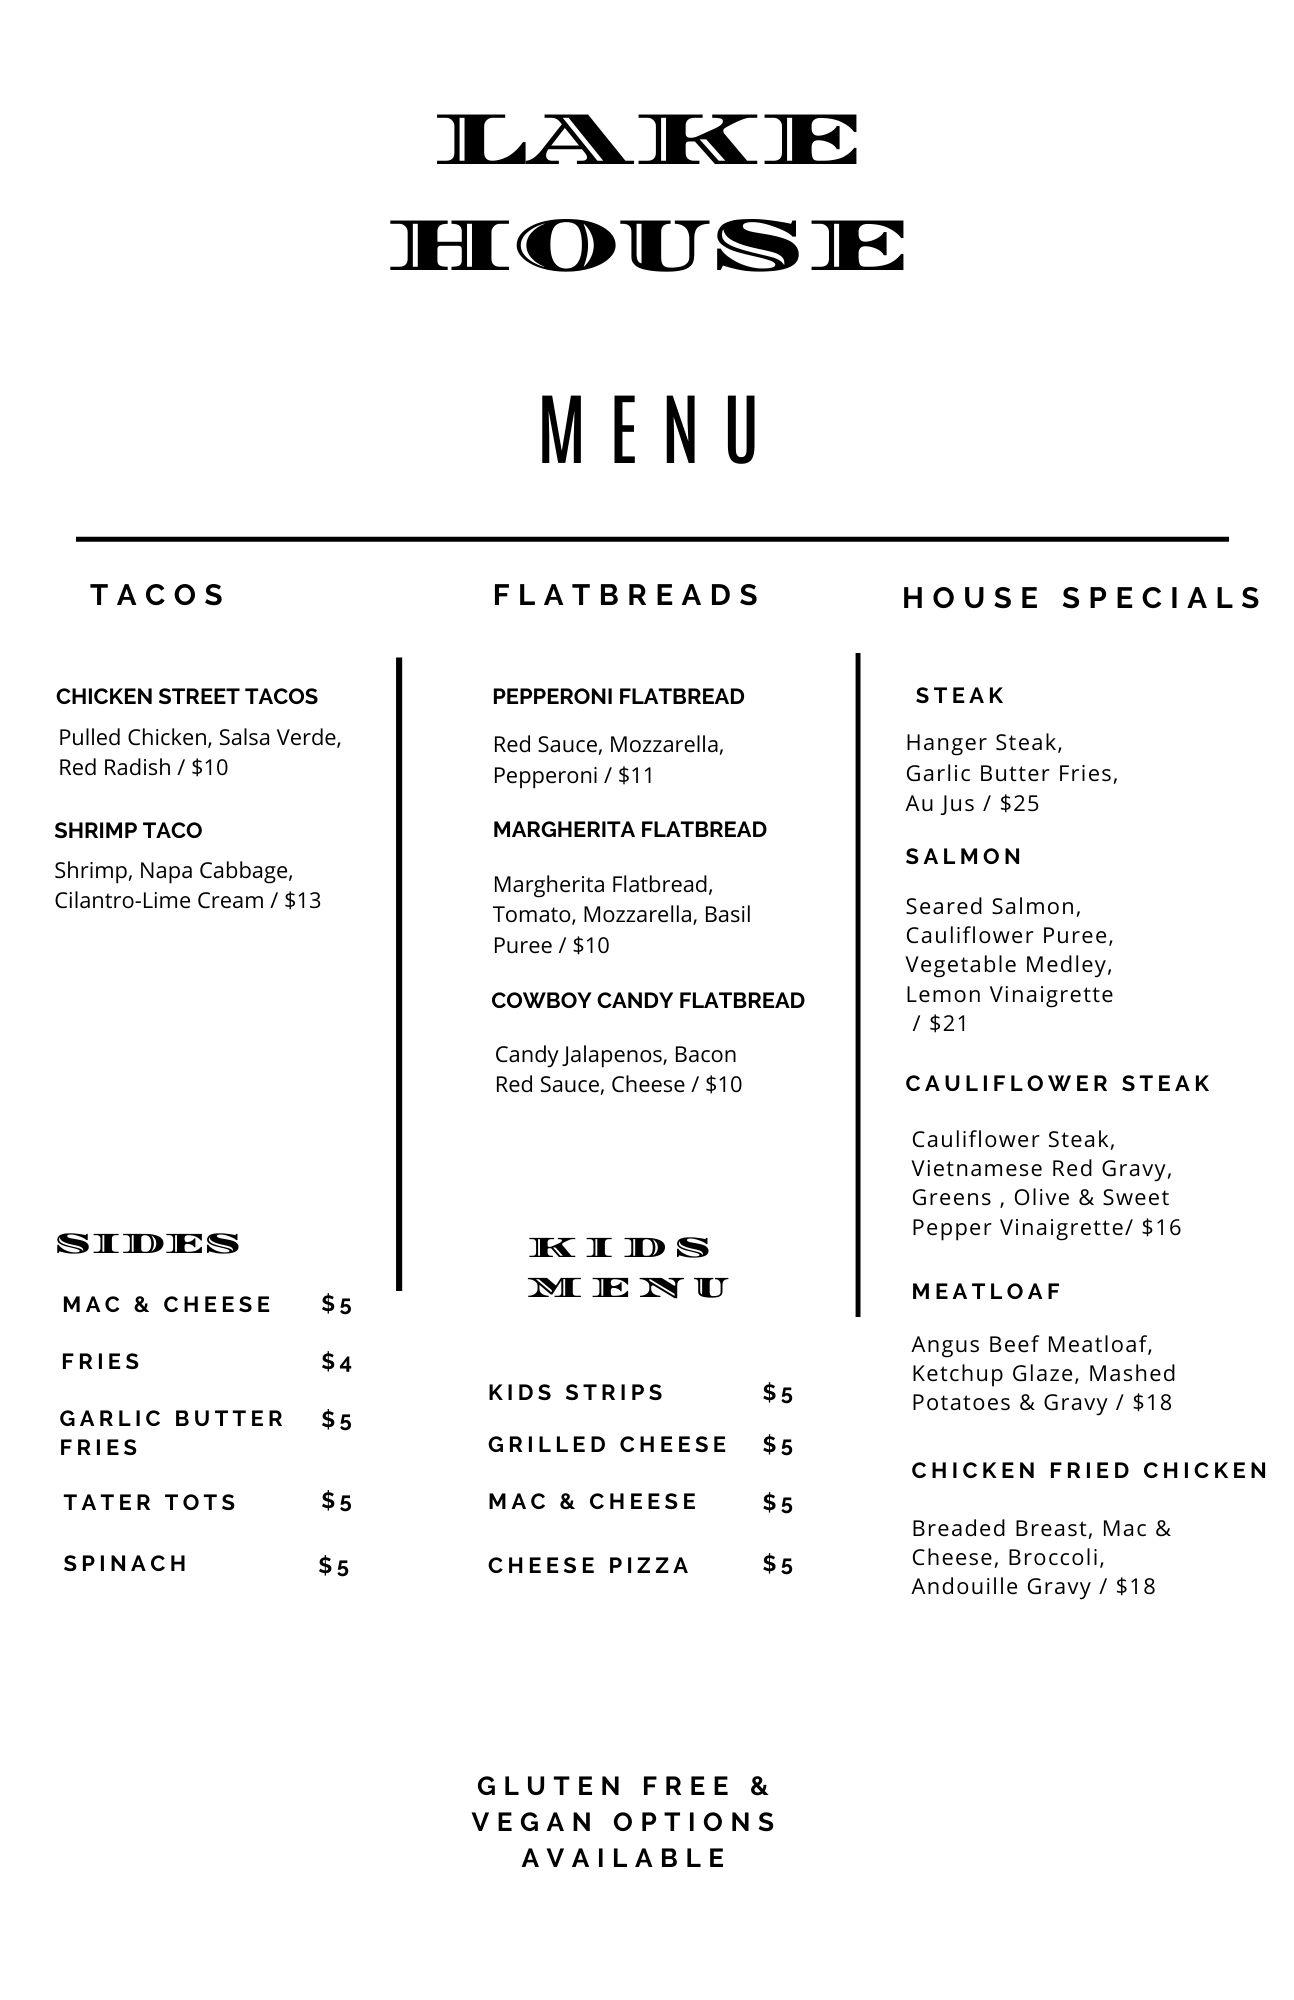 Dinner menu 2 for 6-23